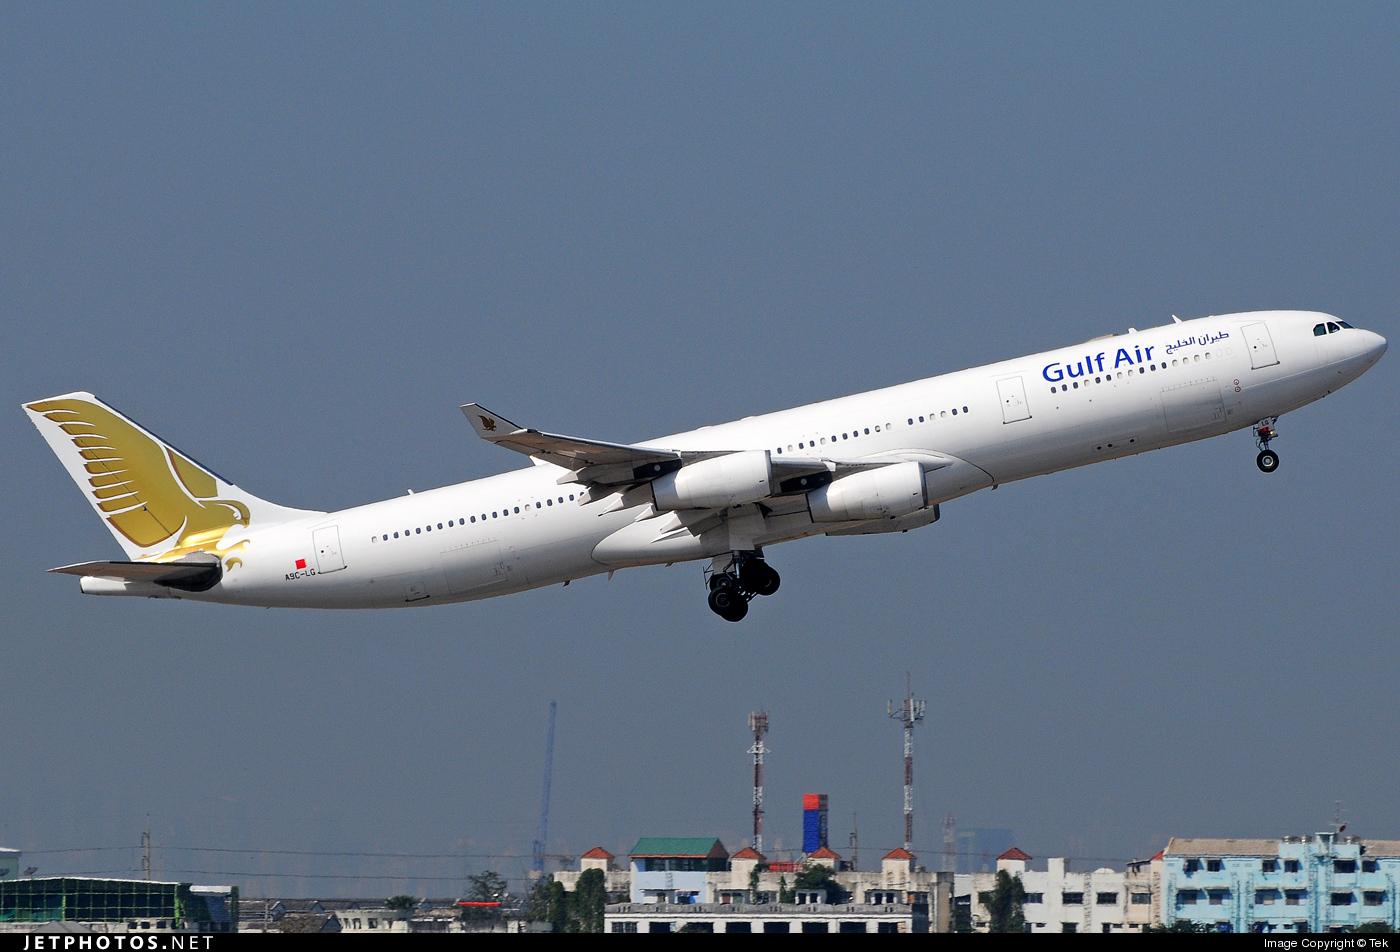 A9C-LG | Airbus A340-313X | Gulf Air | Tek | JetPhotos